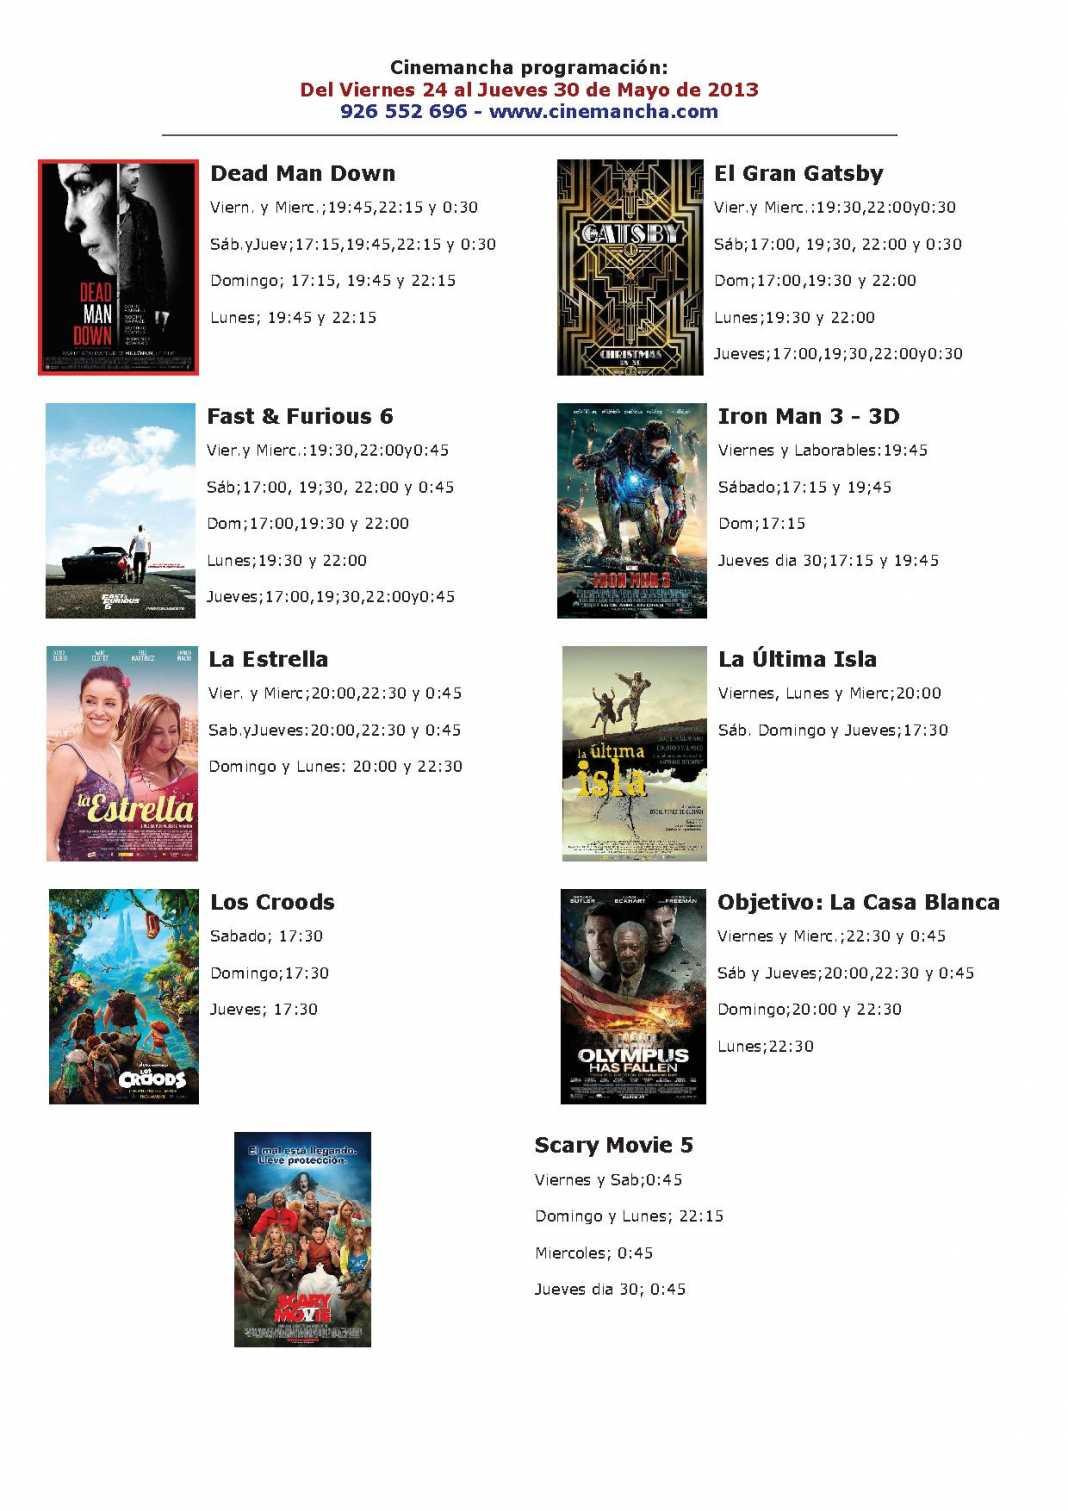 Programación Cinemancha del viernes 24 al jueves 30 de mayo 1